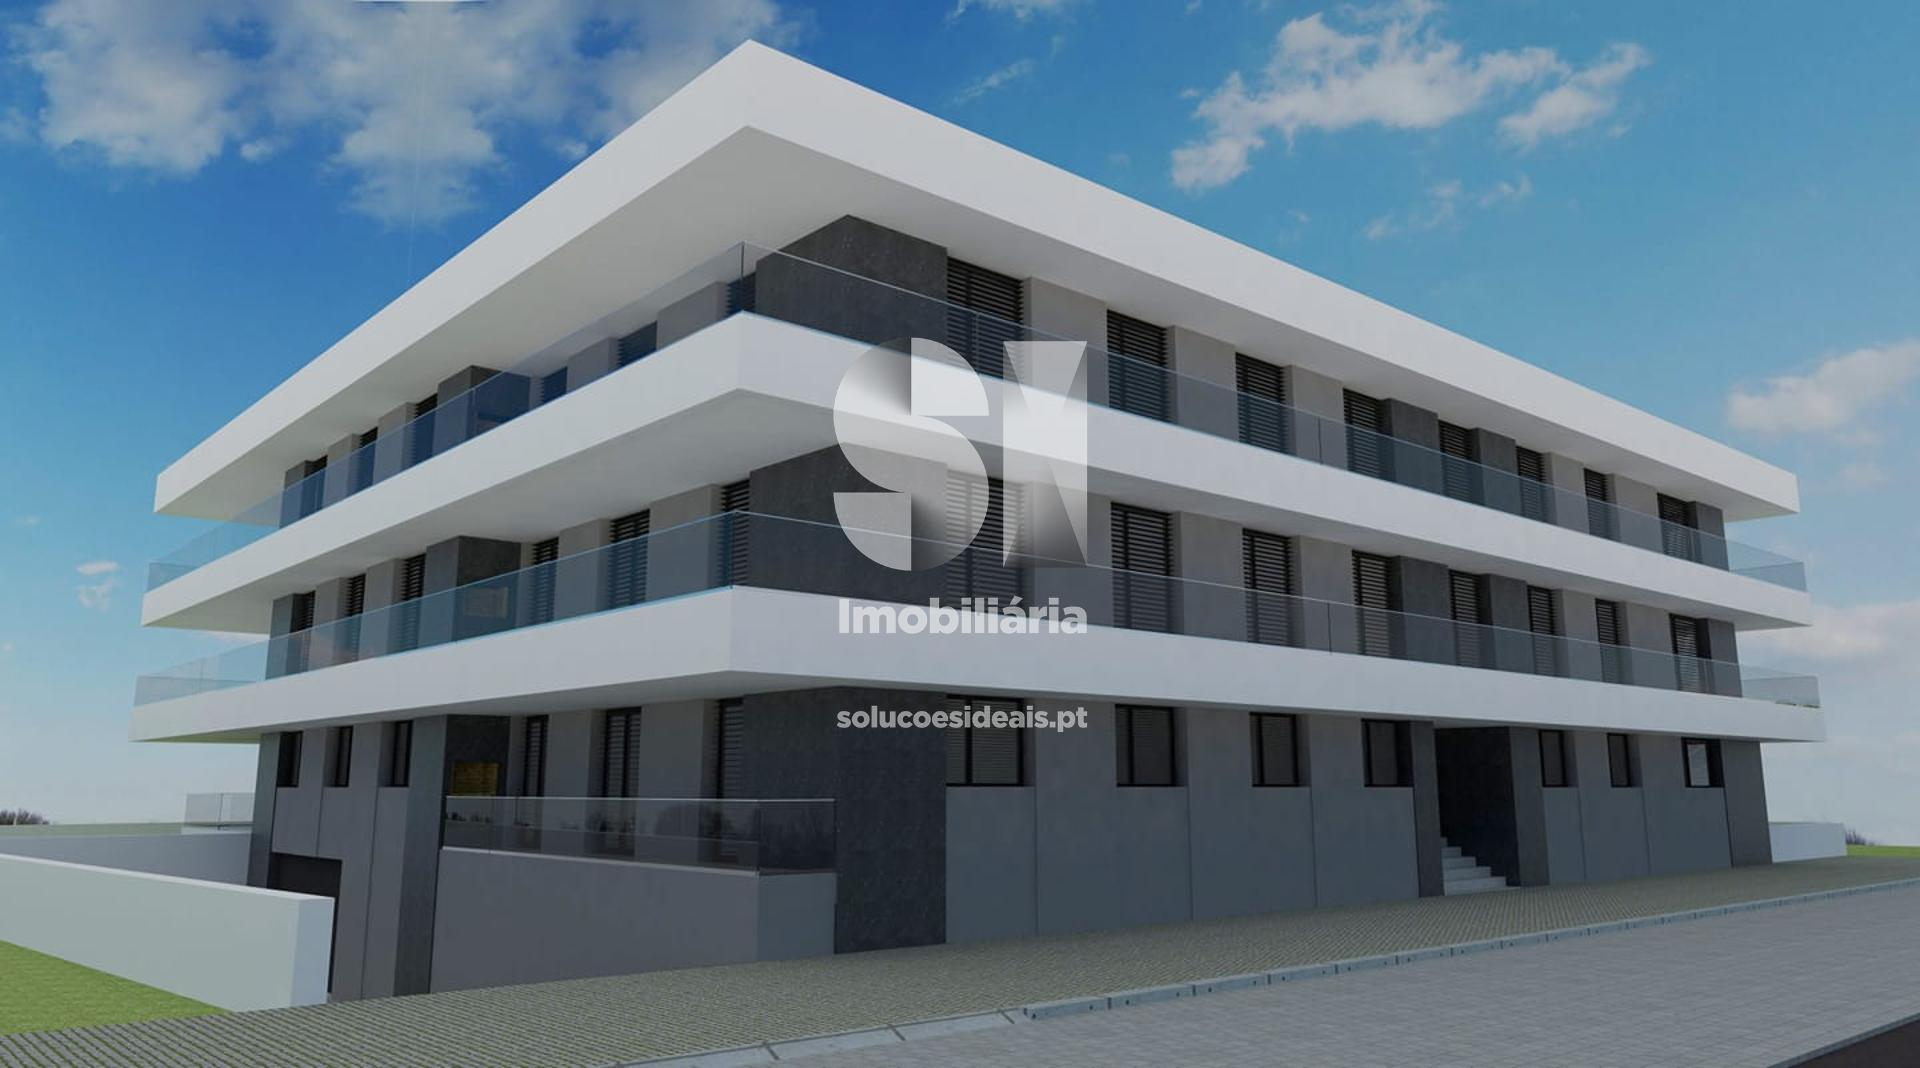 apartamento t3 para compra em condeixaanova uniao das freguesias de sebal e belide CDXPF2269_6